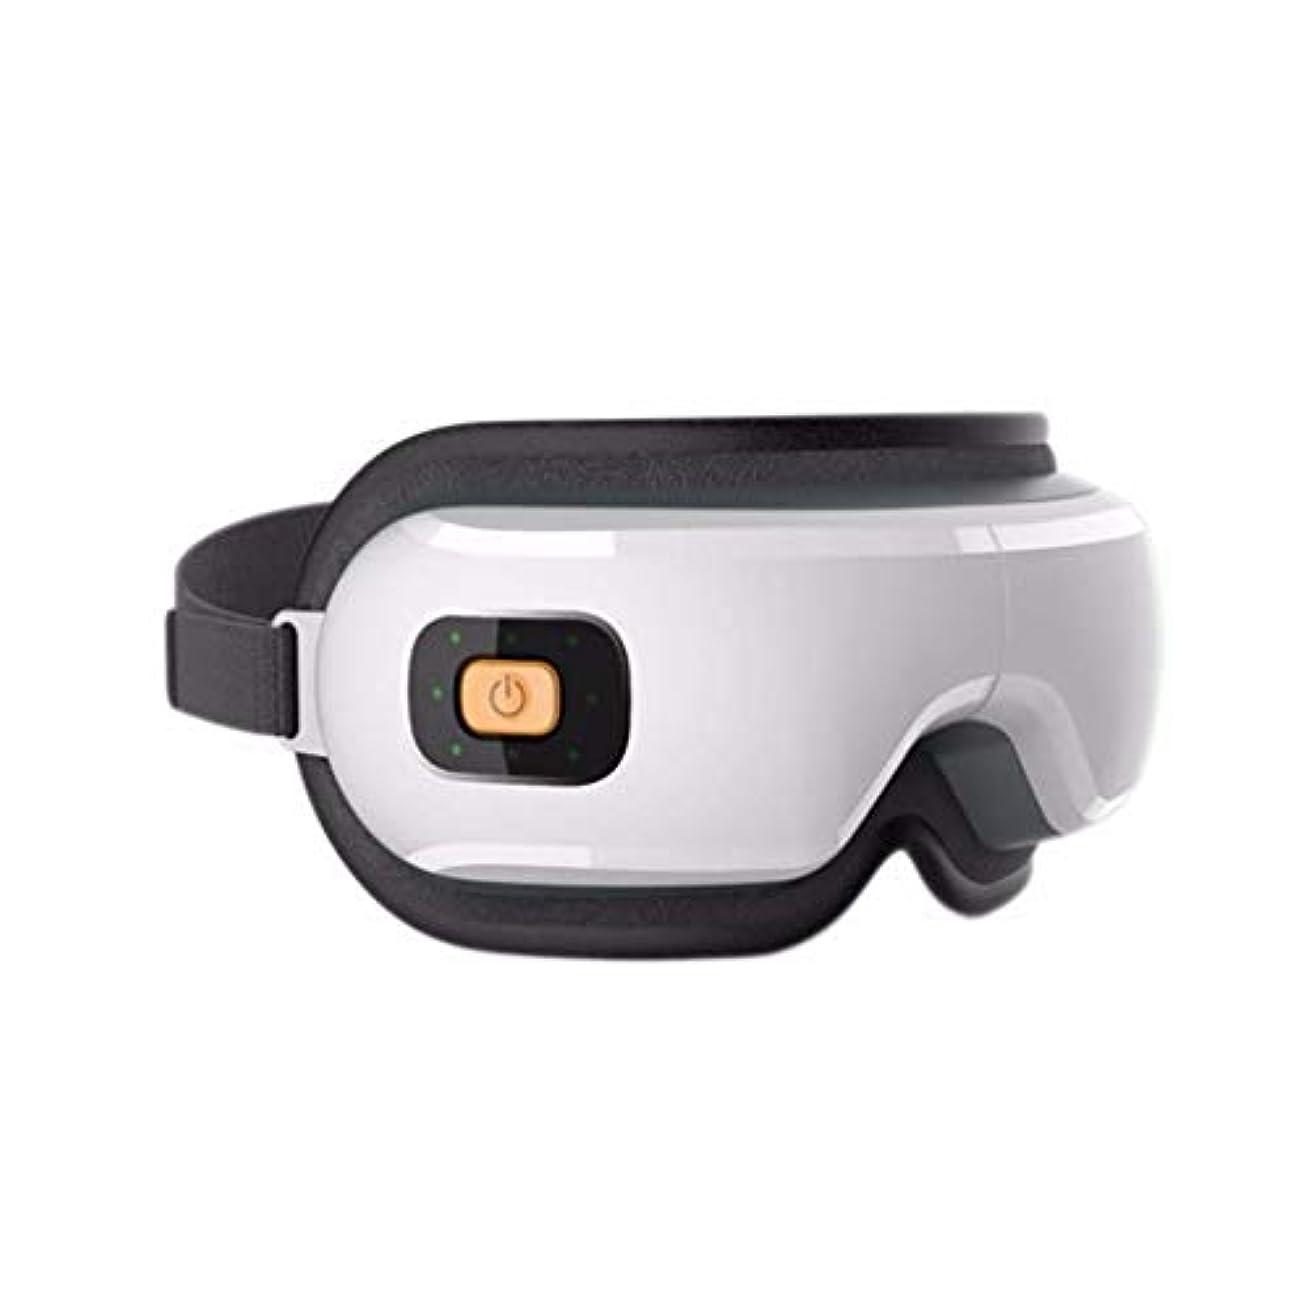 ポゴスティックジャンプ持ってる赤面アイマッサージャー、ワイヤレススマート電動アイマスク、マッサージ/充電/ブルートゥース音声/加熱/多周波振動/空気圧縮/なだめるような音楽/アイスパ、旅行事務車用